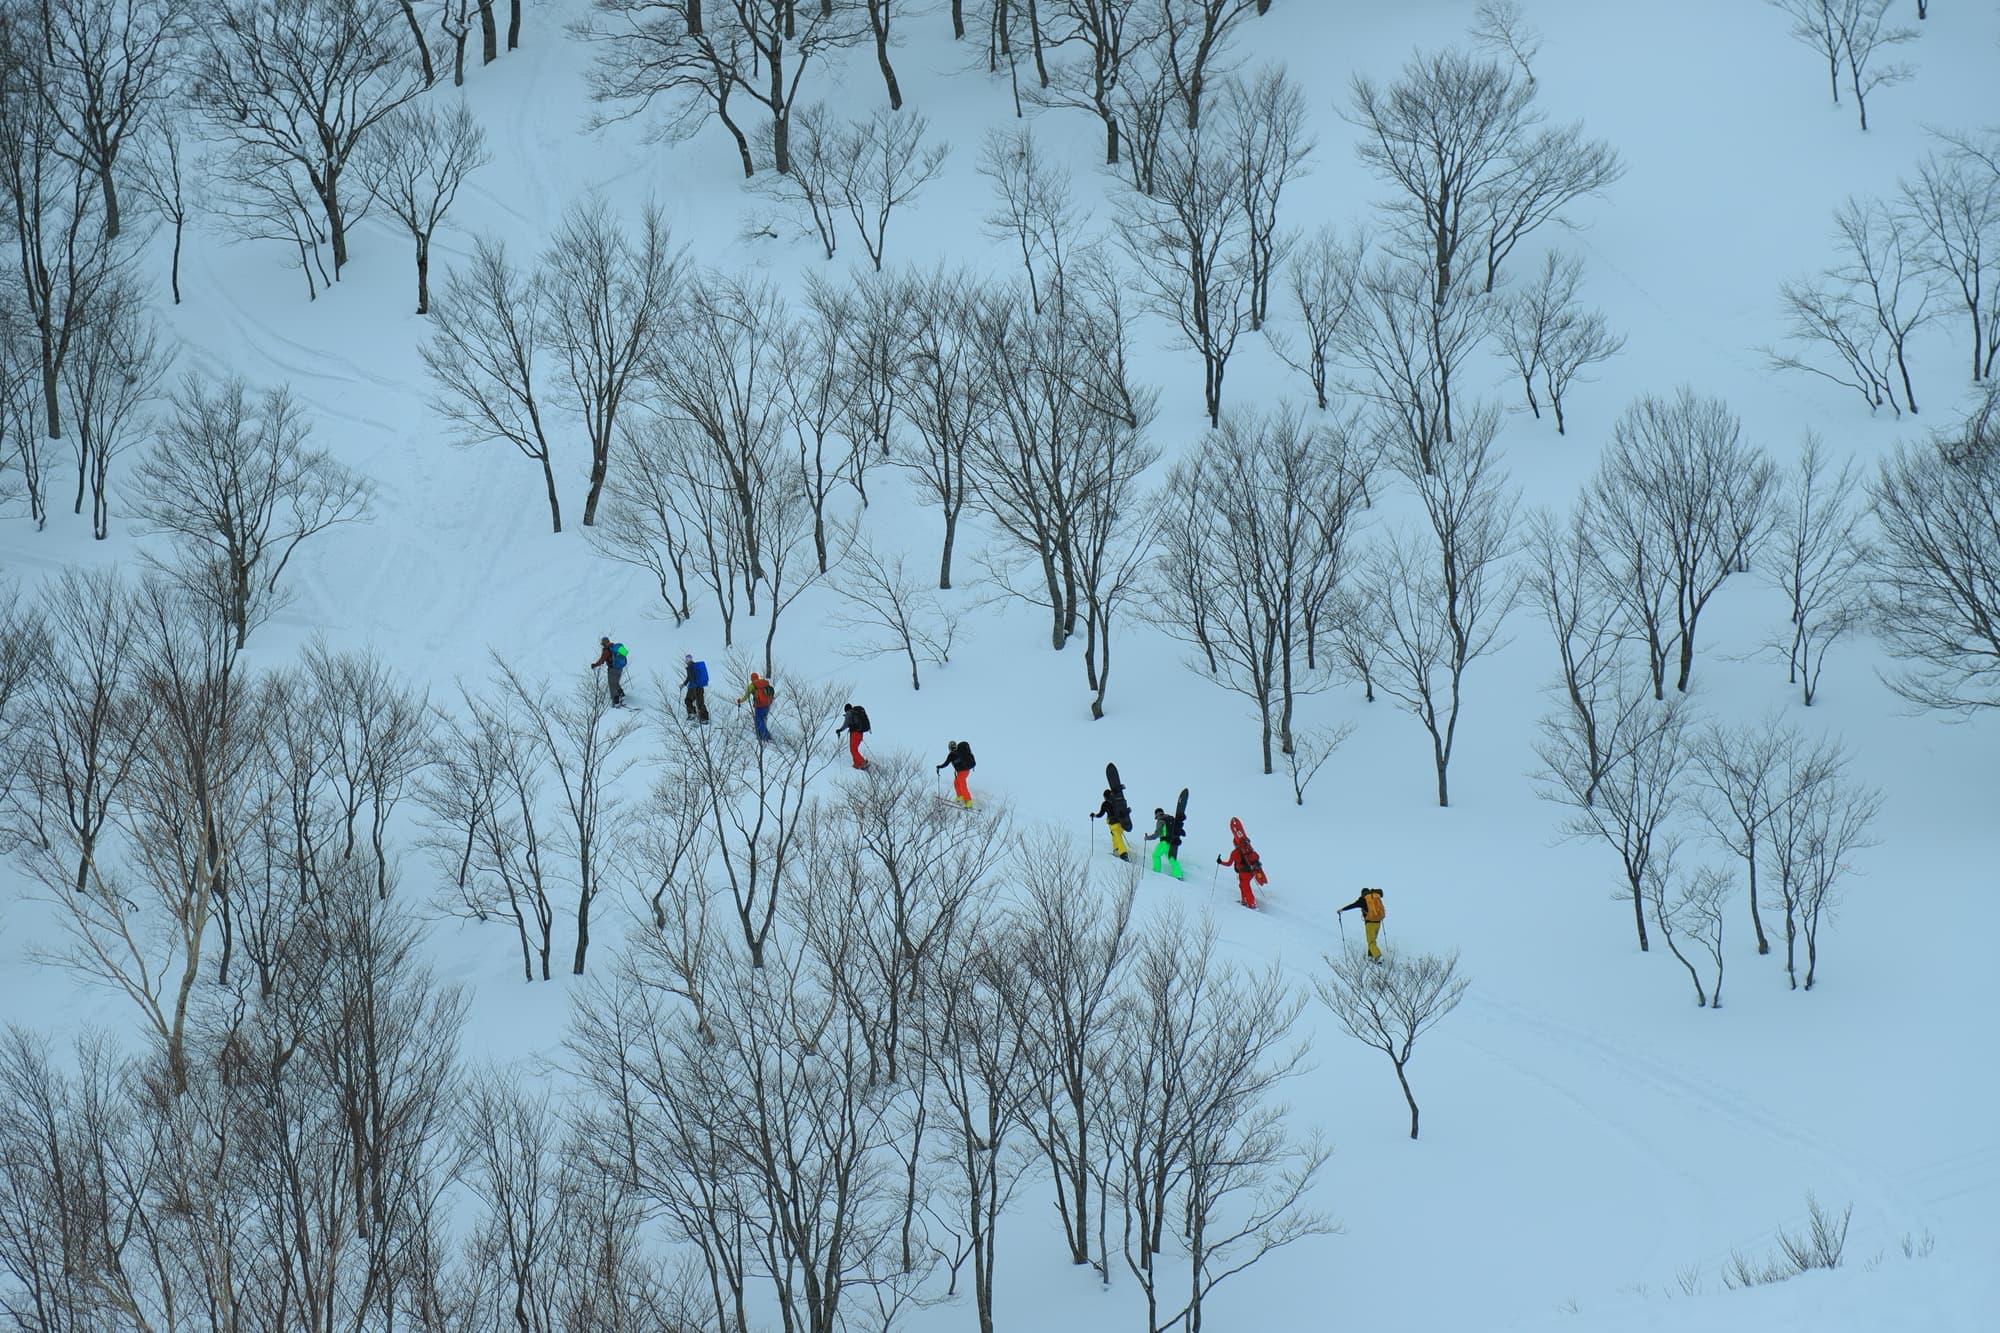 第1回 鹿島槍スーパーバーティカルレース/長野(HAKUBA VALLEY 鹿島槍スキー場)